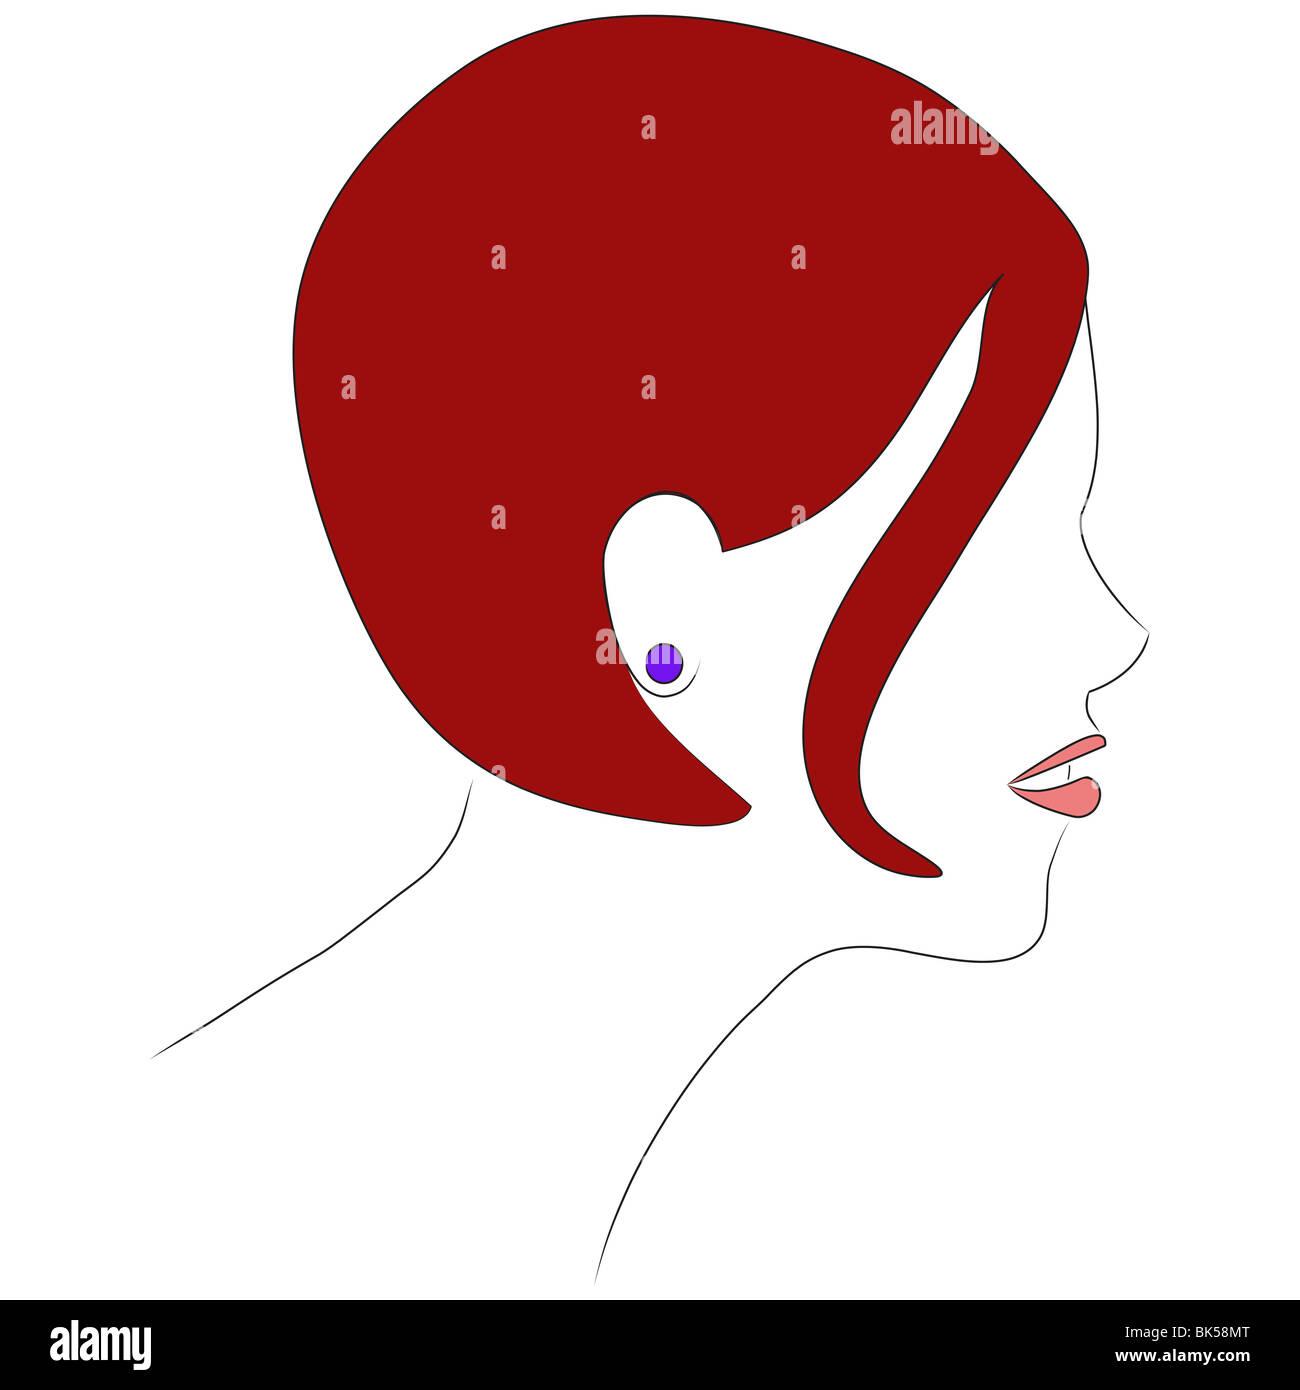 Ilustración de un perfil de una chica con cabello corto rojo. Es hecho en el estilo de un 1060s magazine ilustración. Imagen De Stock